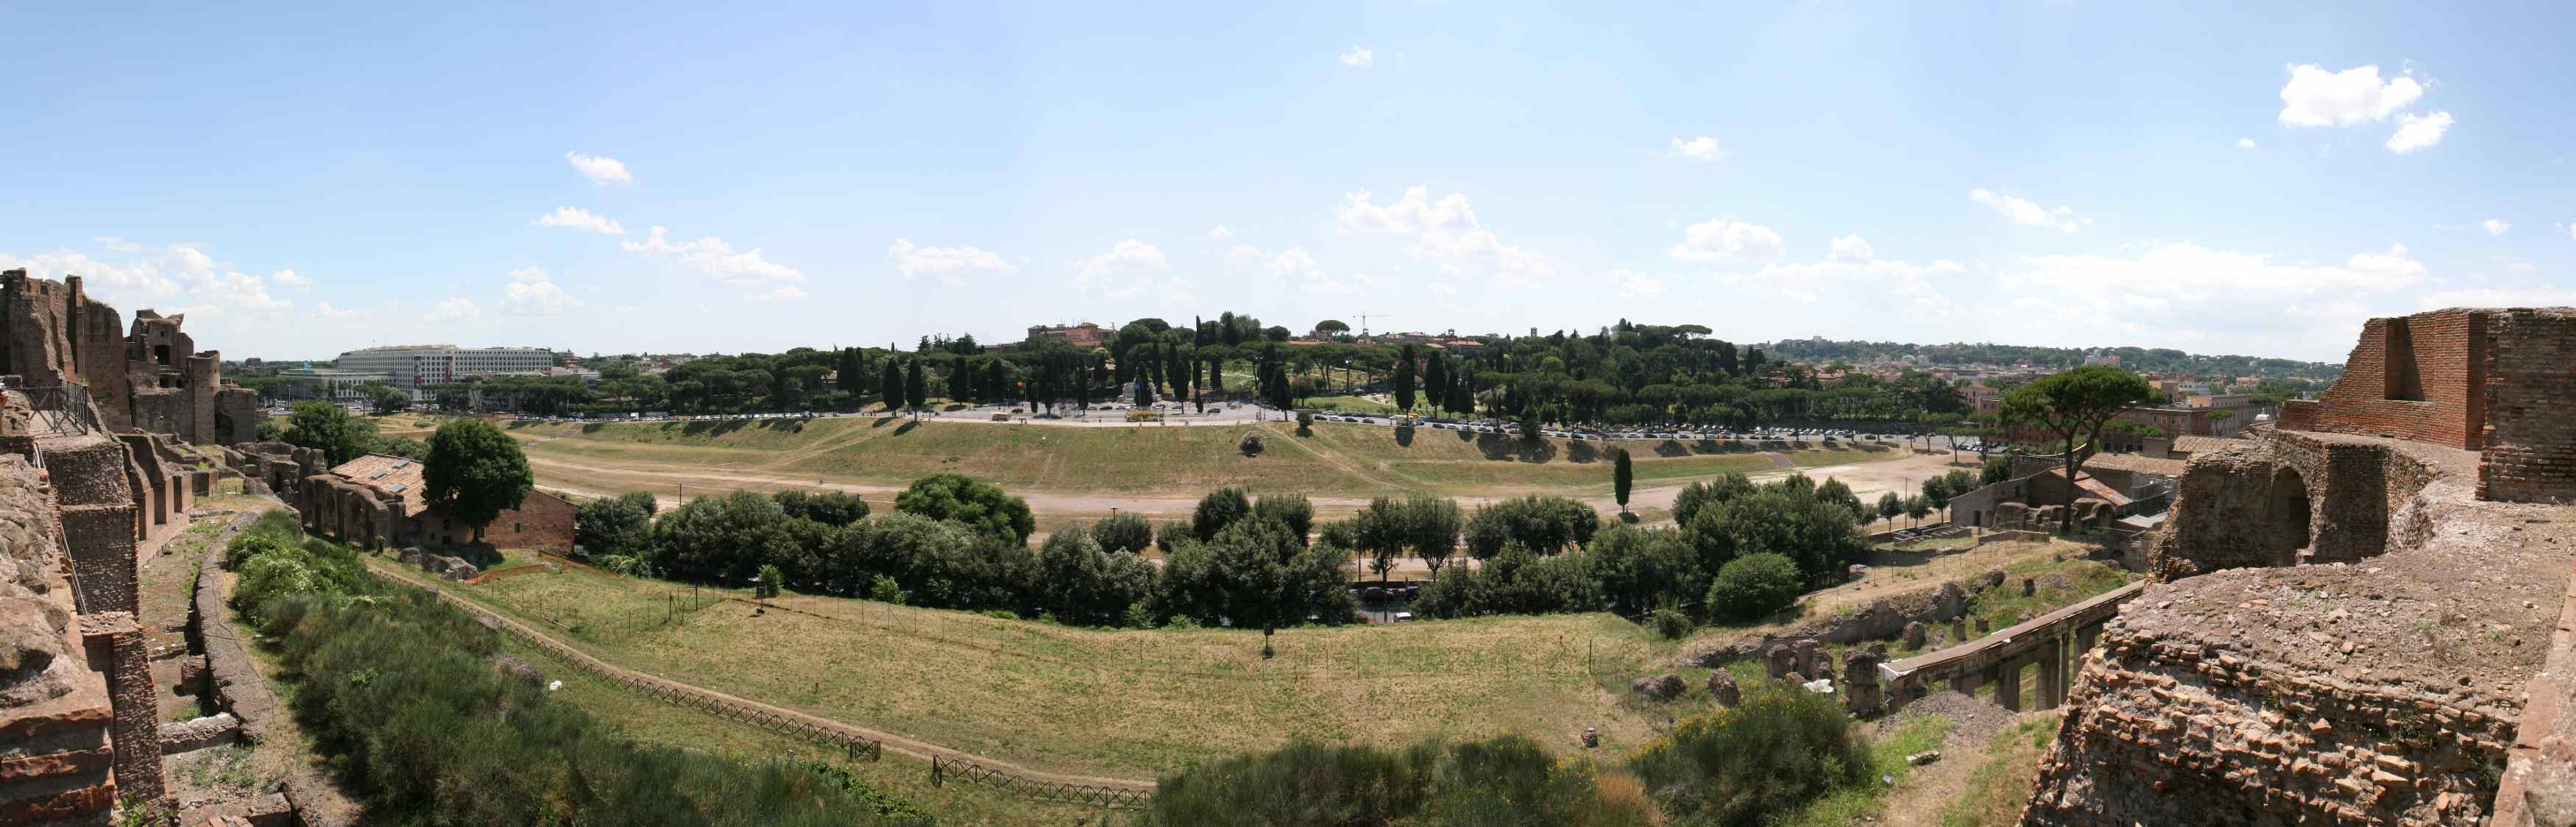 Vestiges du Circus Maximus, à Rome